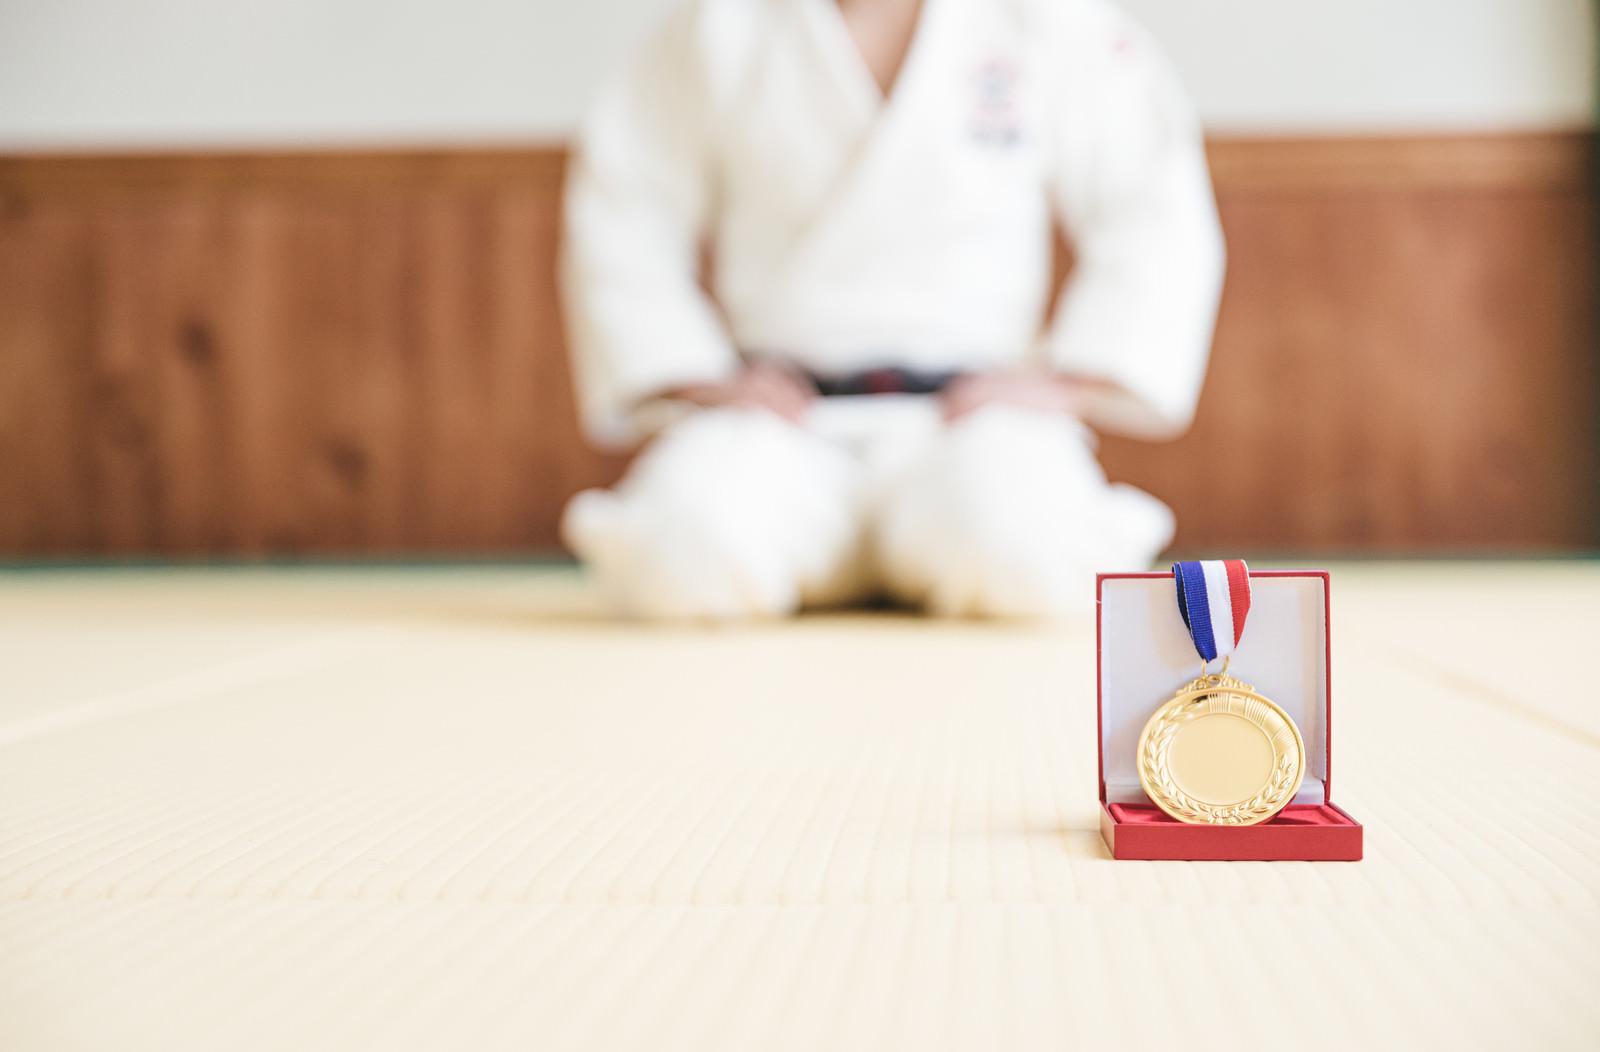 「金メダルと柔道場」の写真